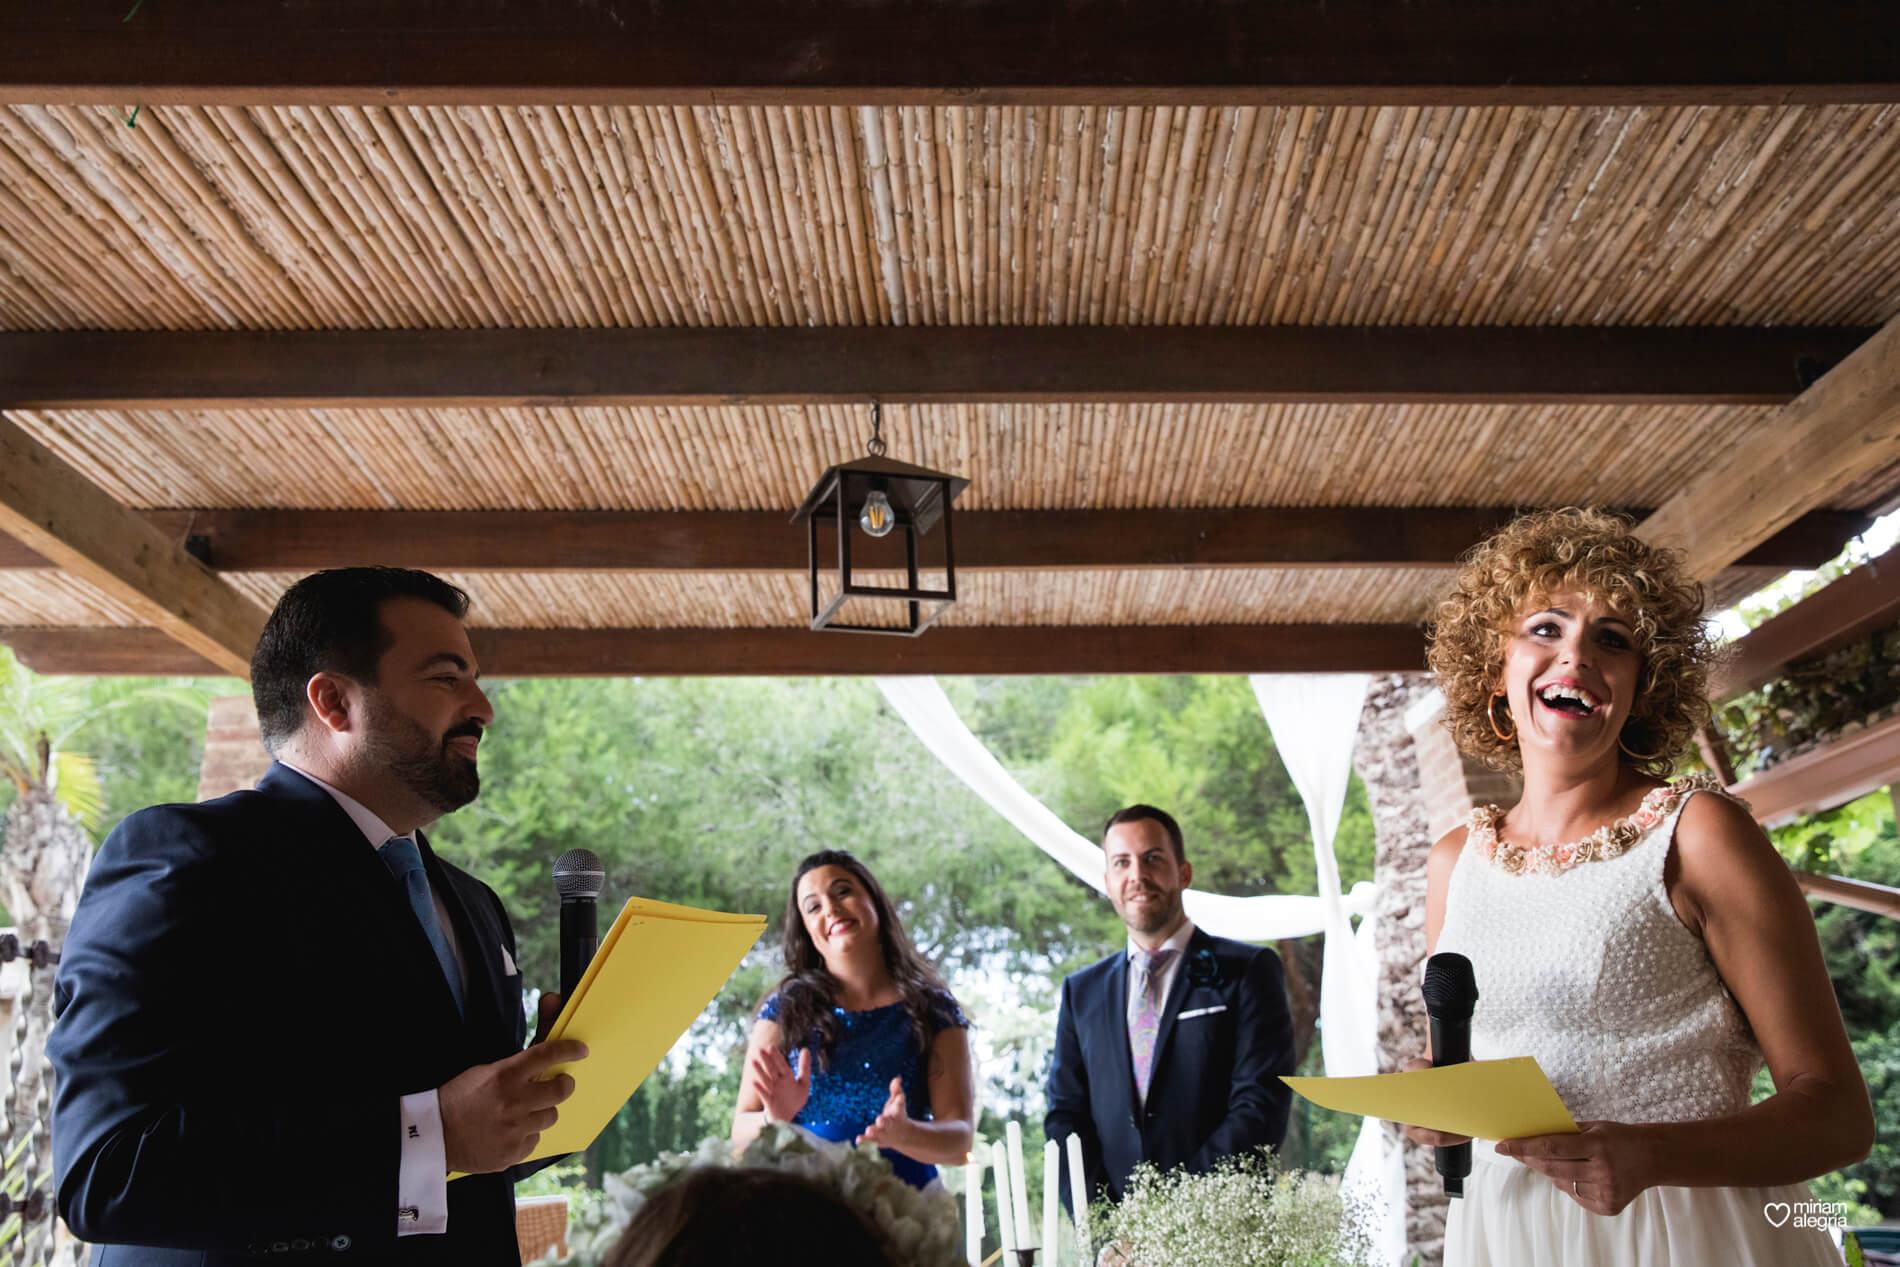 boda-en-finca-la-carrasca-miriam-alegria-75